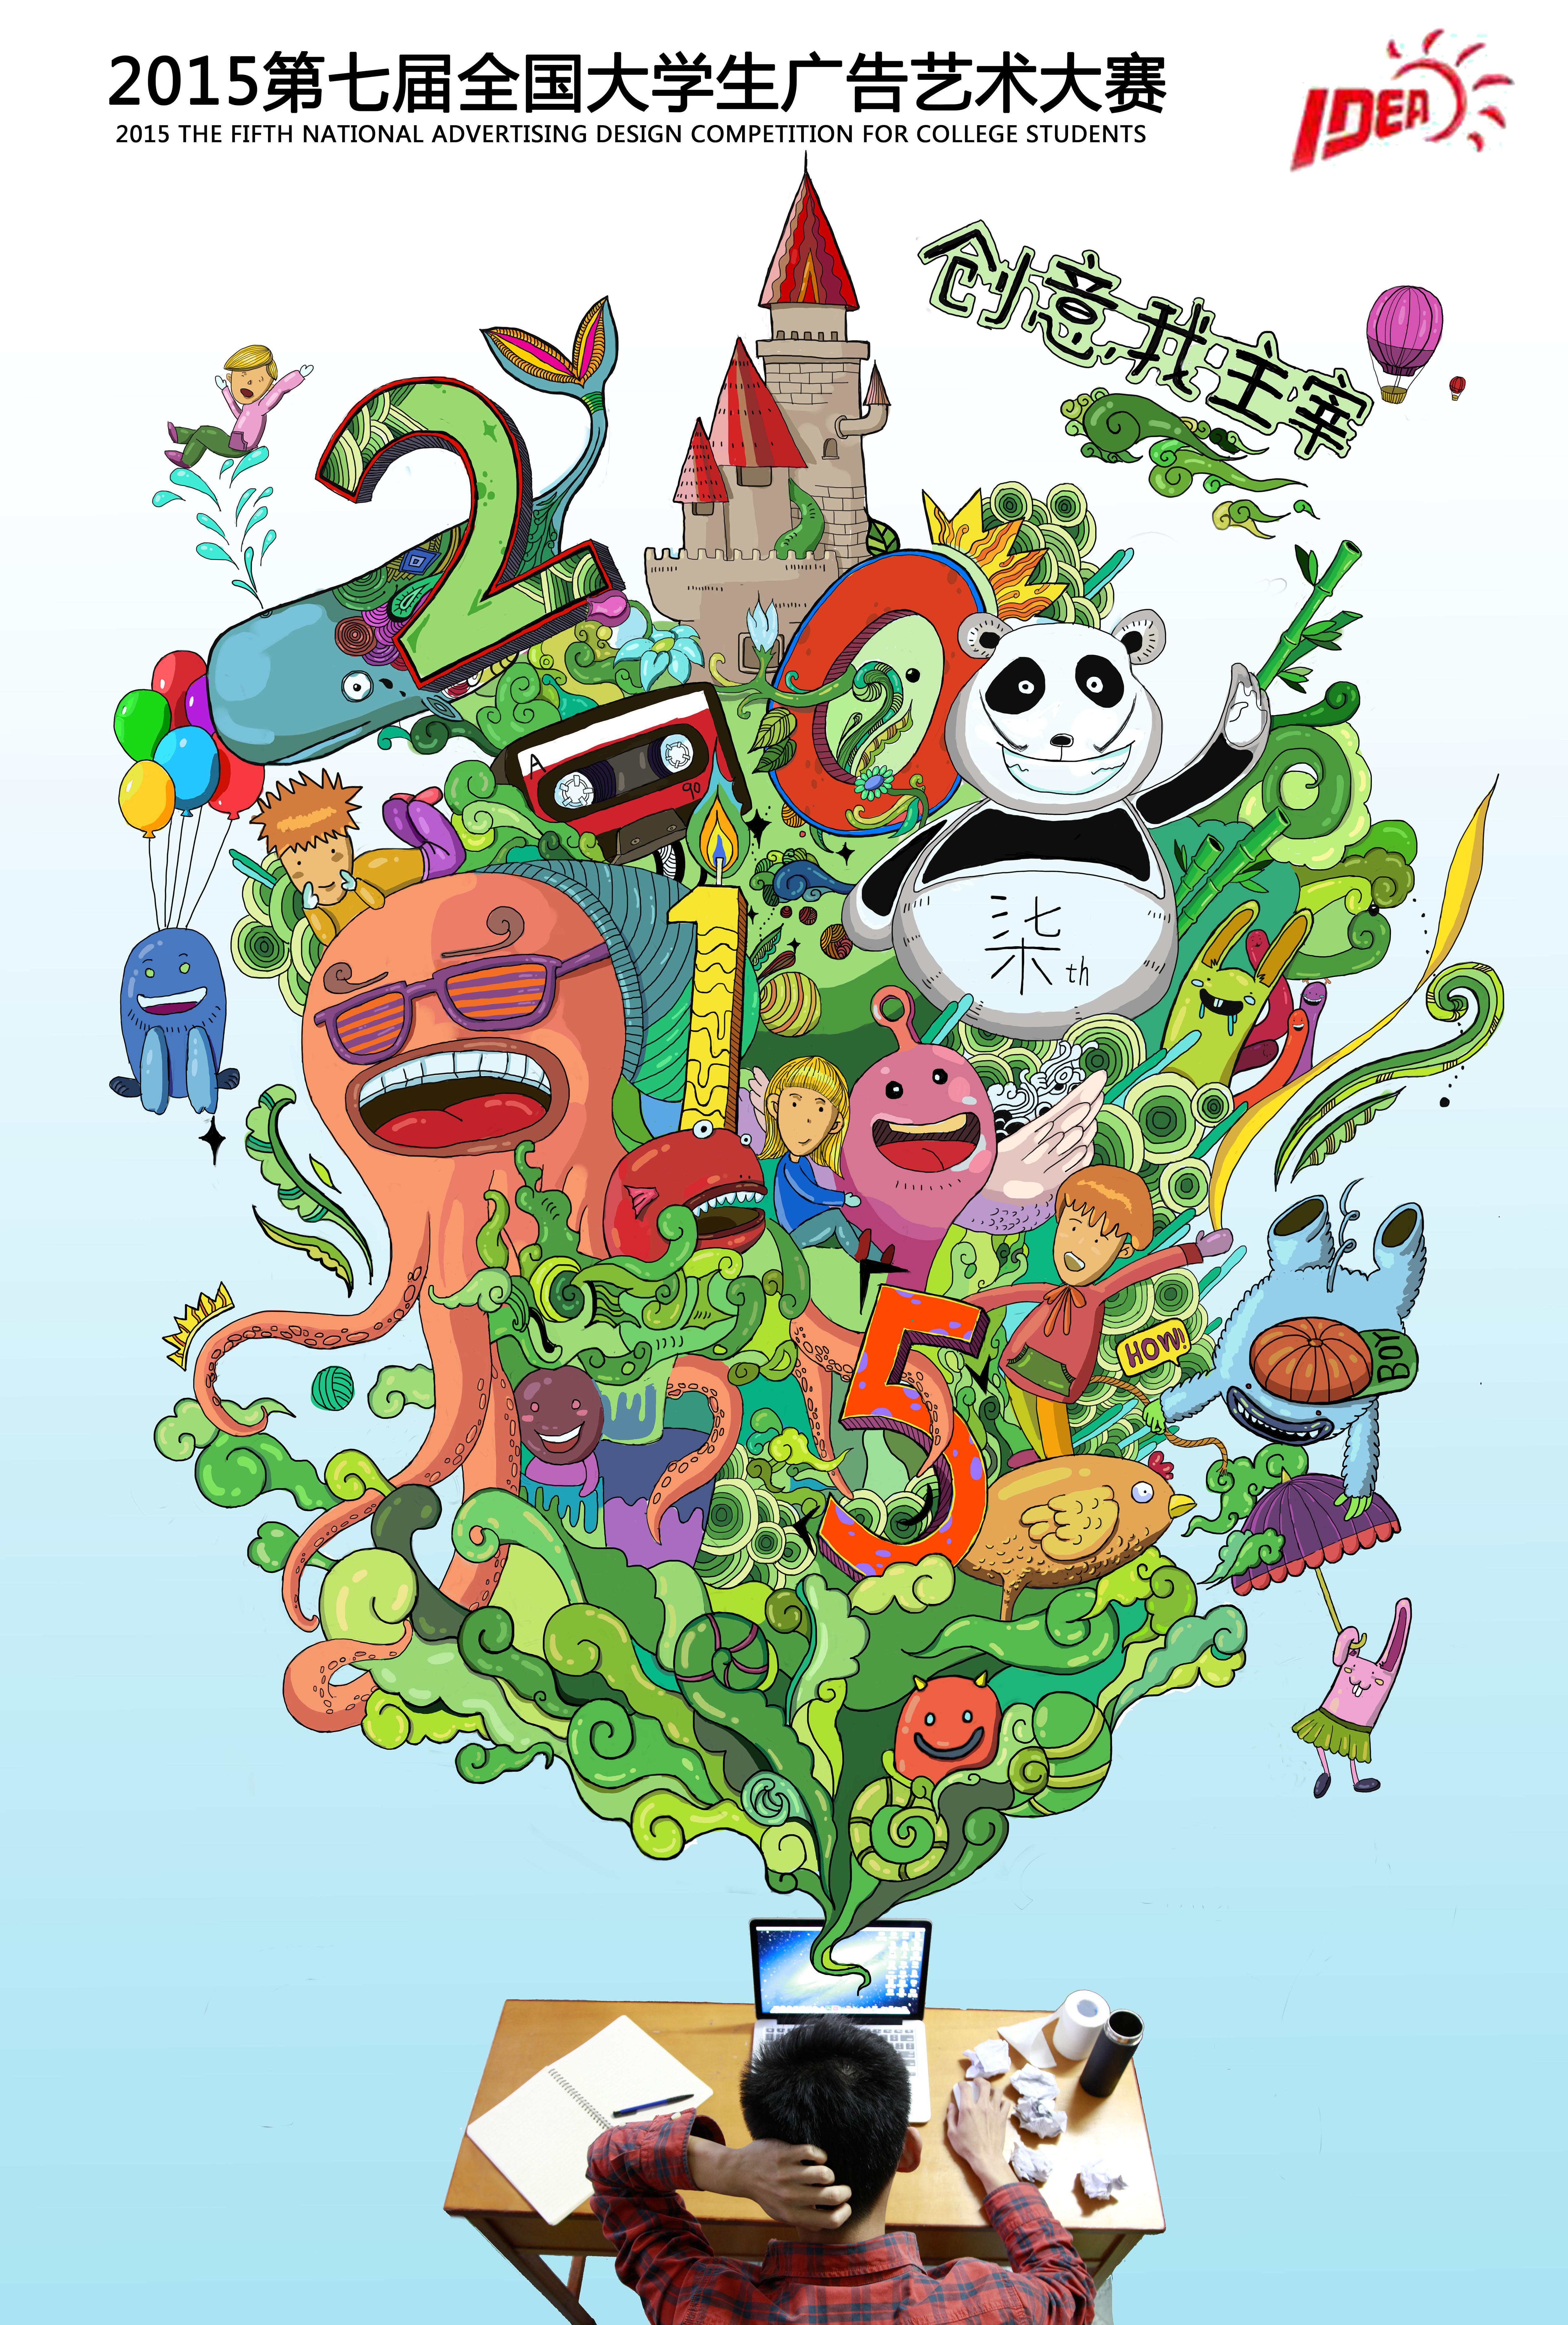 手绘作品 第七届全国大学生广告艺术大赛海报设计